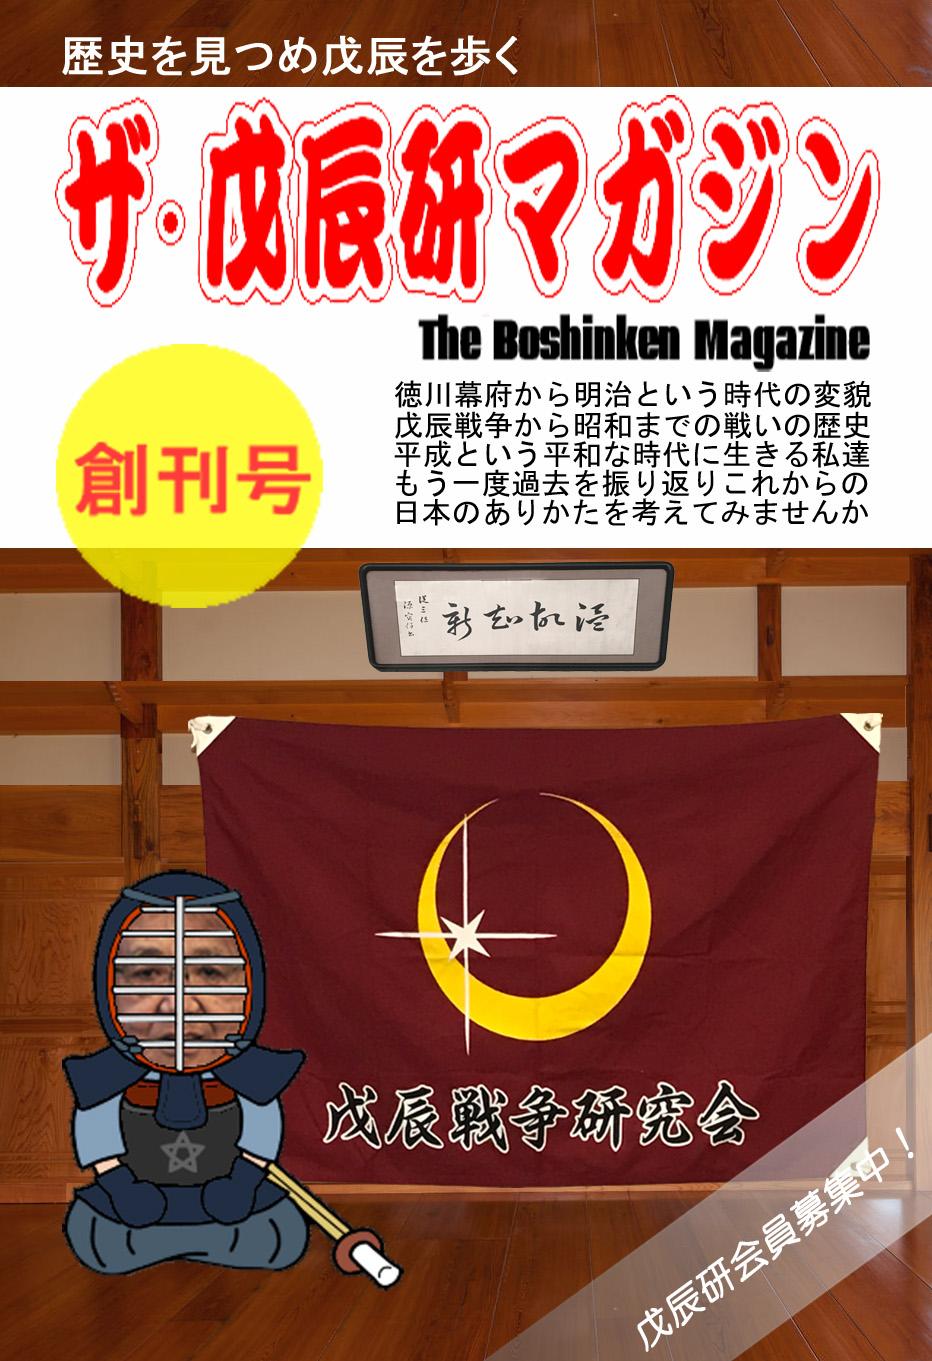 ザ・戊辰研マガジン